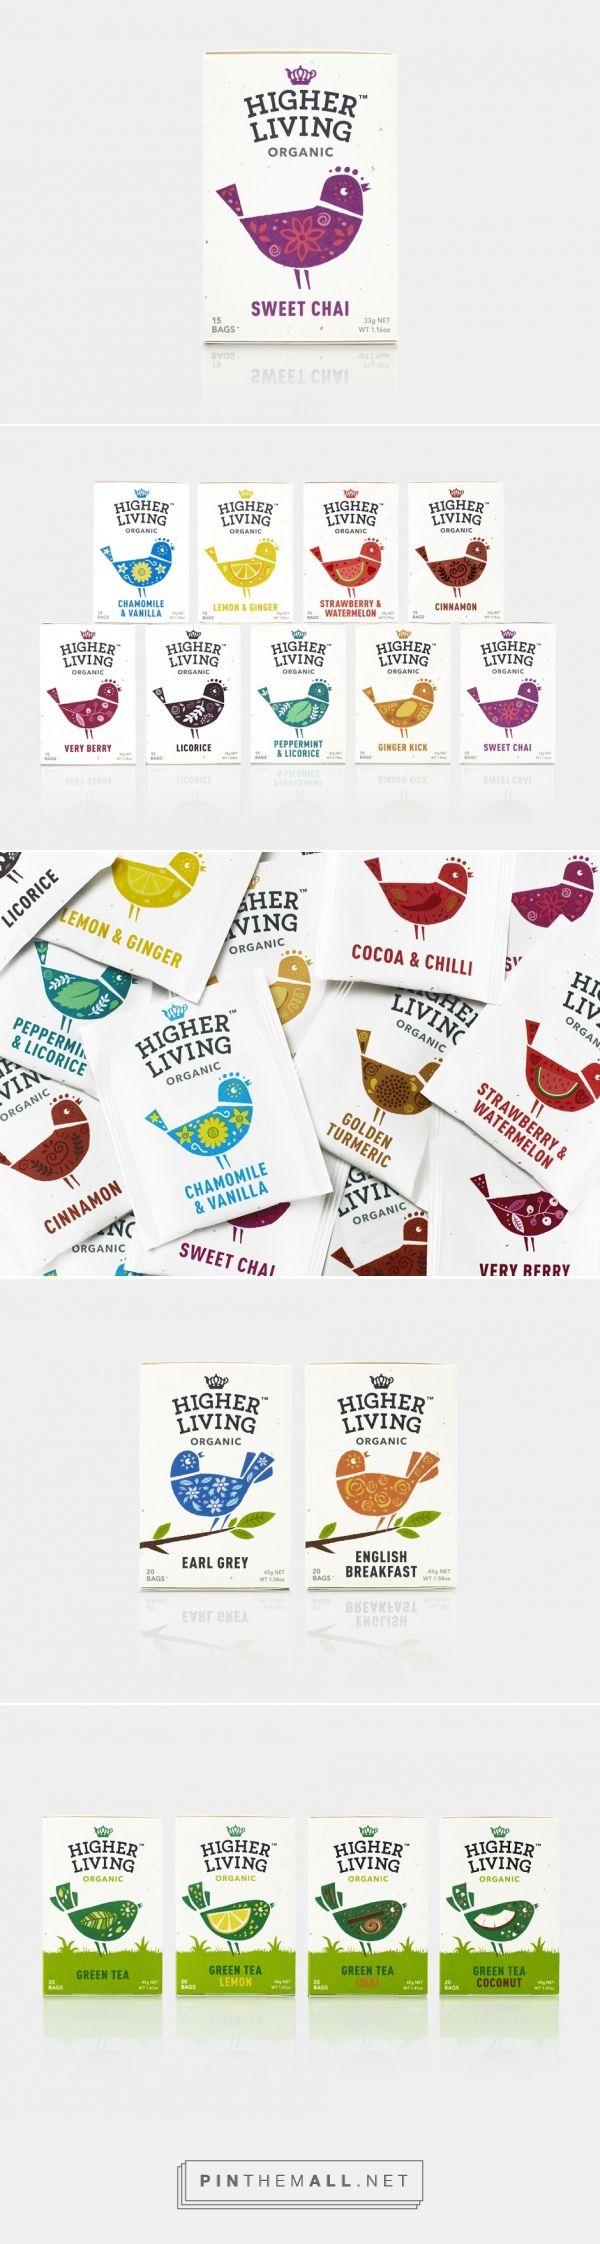 Higher Living Tea packaging design by B&B studio (UK) - http://www.packagingoftheworld.com/2016/06/higher-living.html